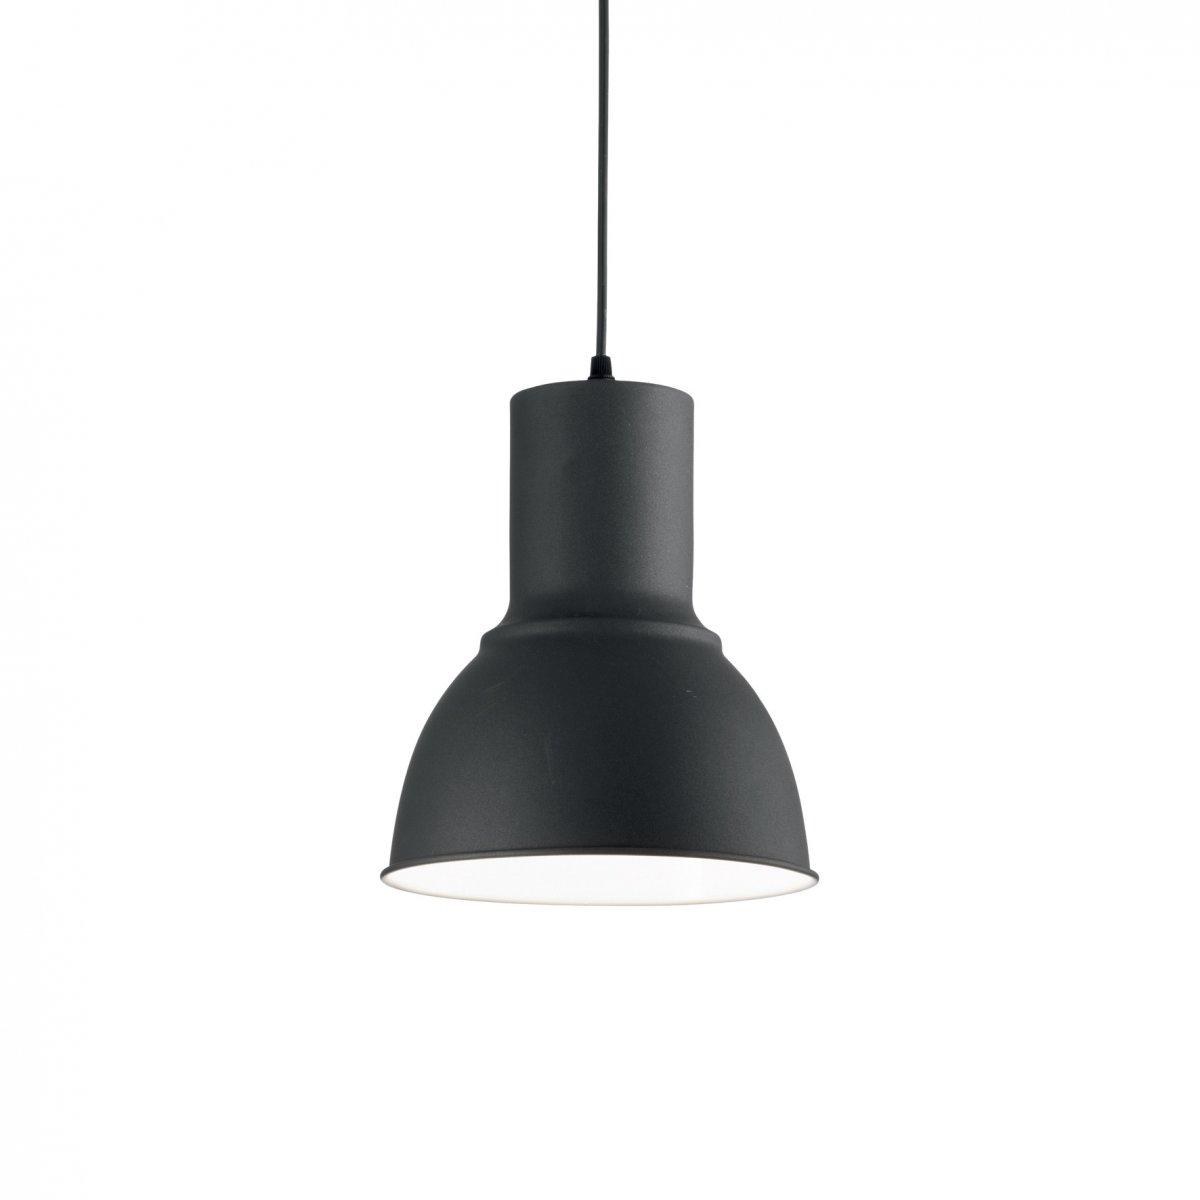 Ideal Lux BREEZE SP1 NERO LAMPADA A SOSPENSIONE 1 LUCE